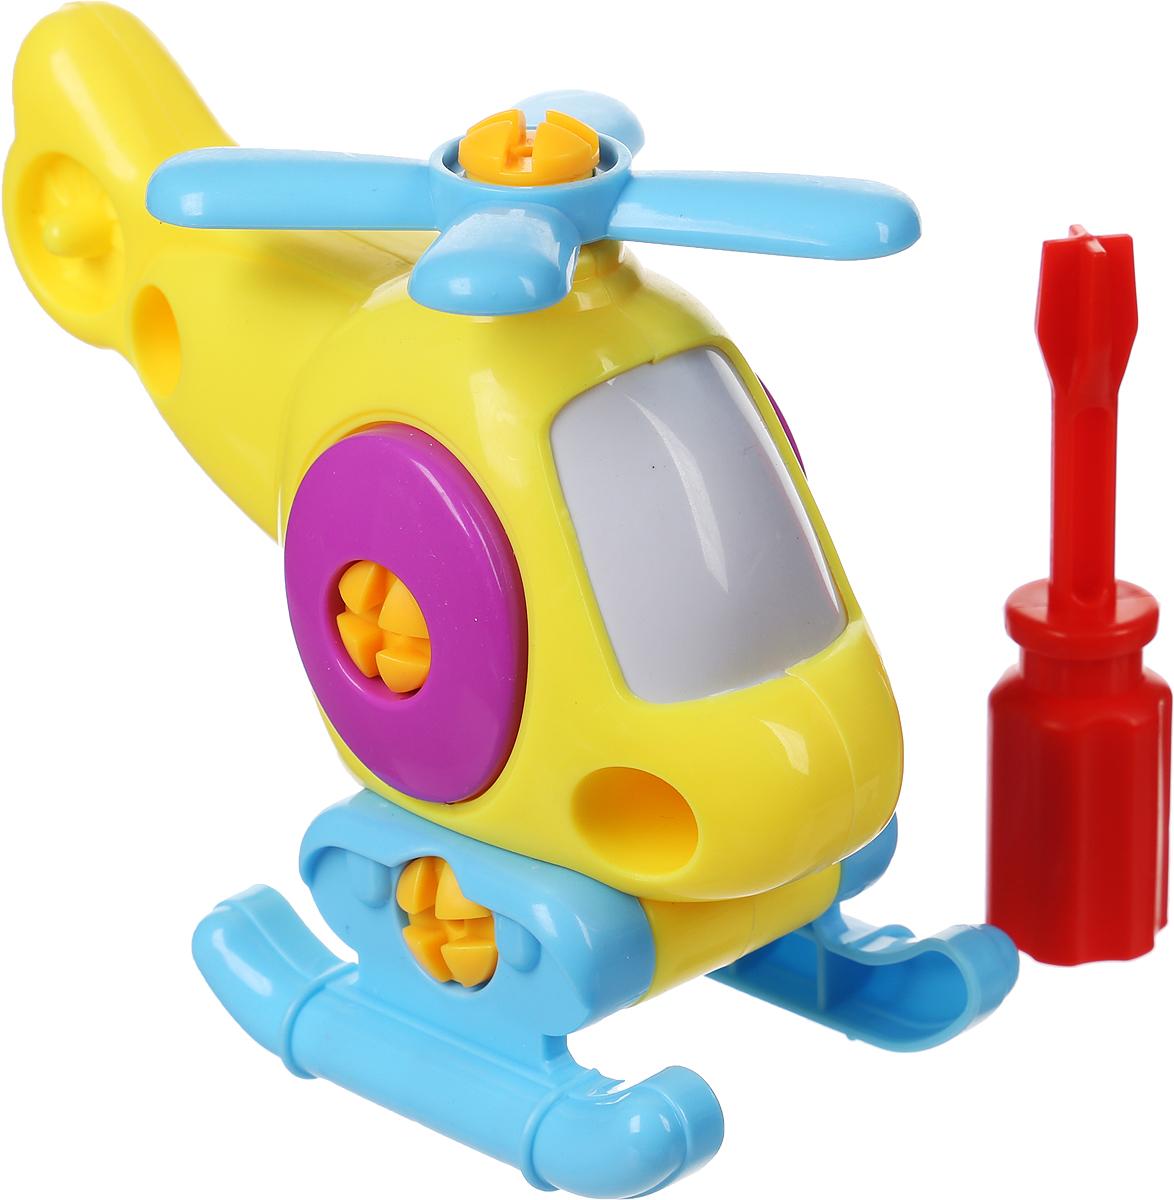 Abtoys Конструктор Вертолет с отверткой цвет желтый